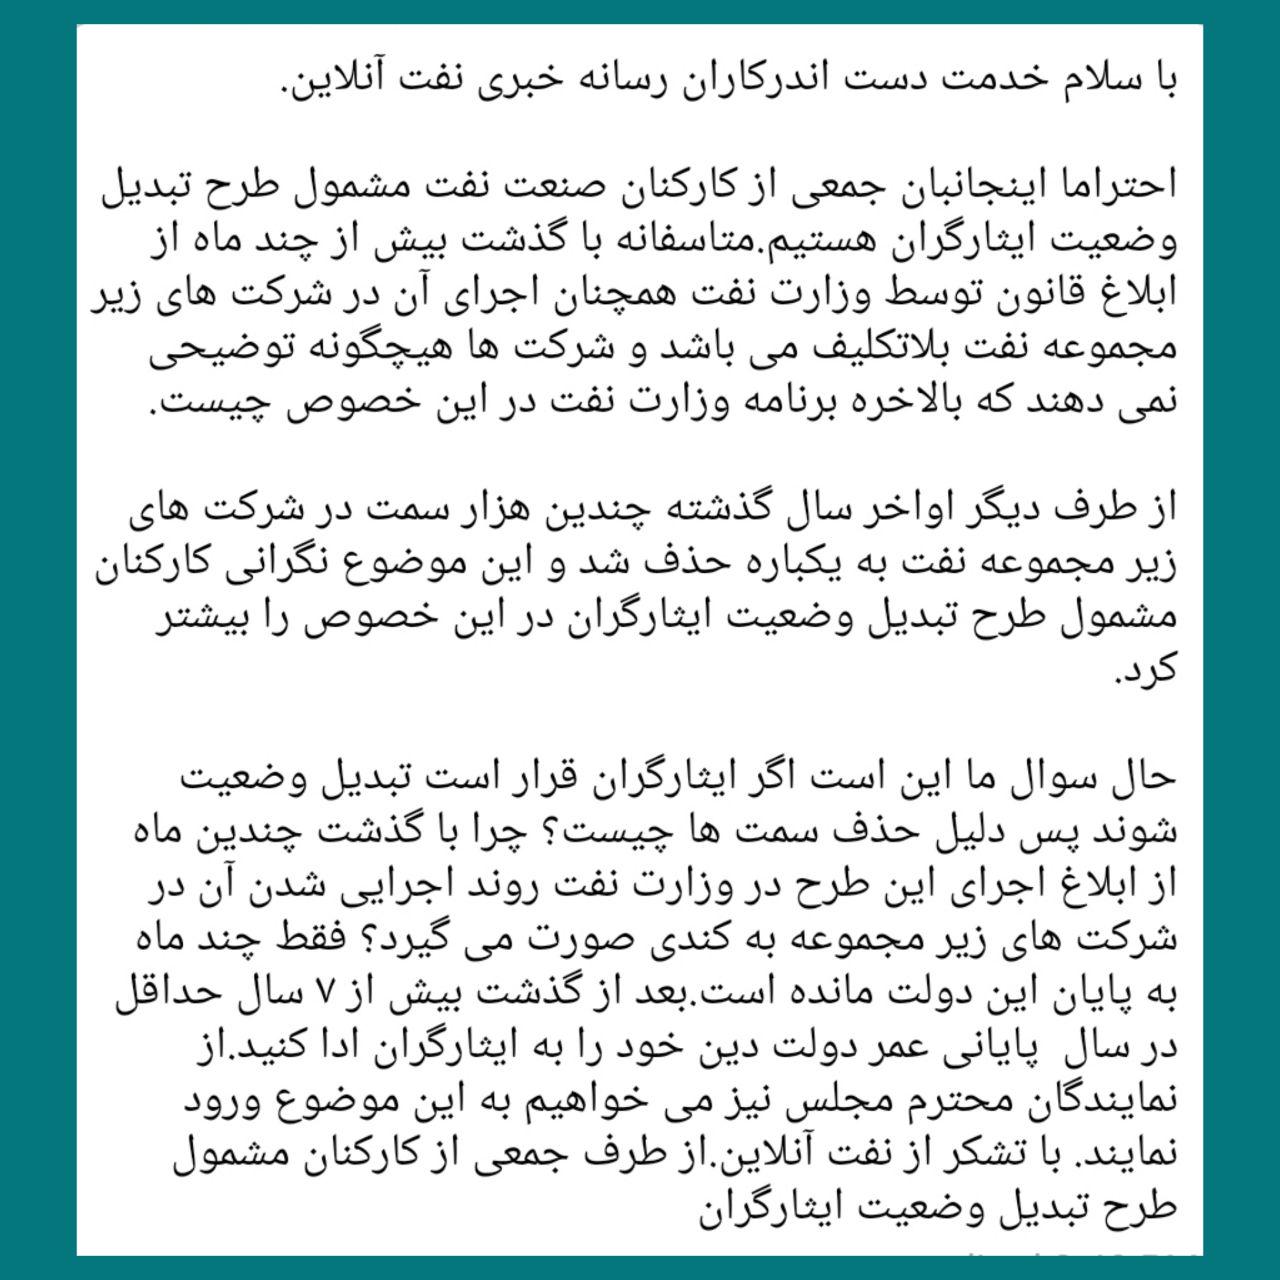 تبديل وضعيت ایثارگران در وزارت نفت